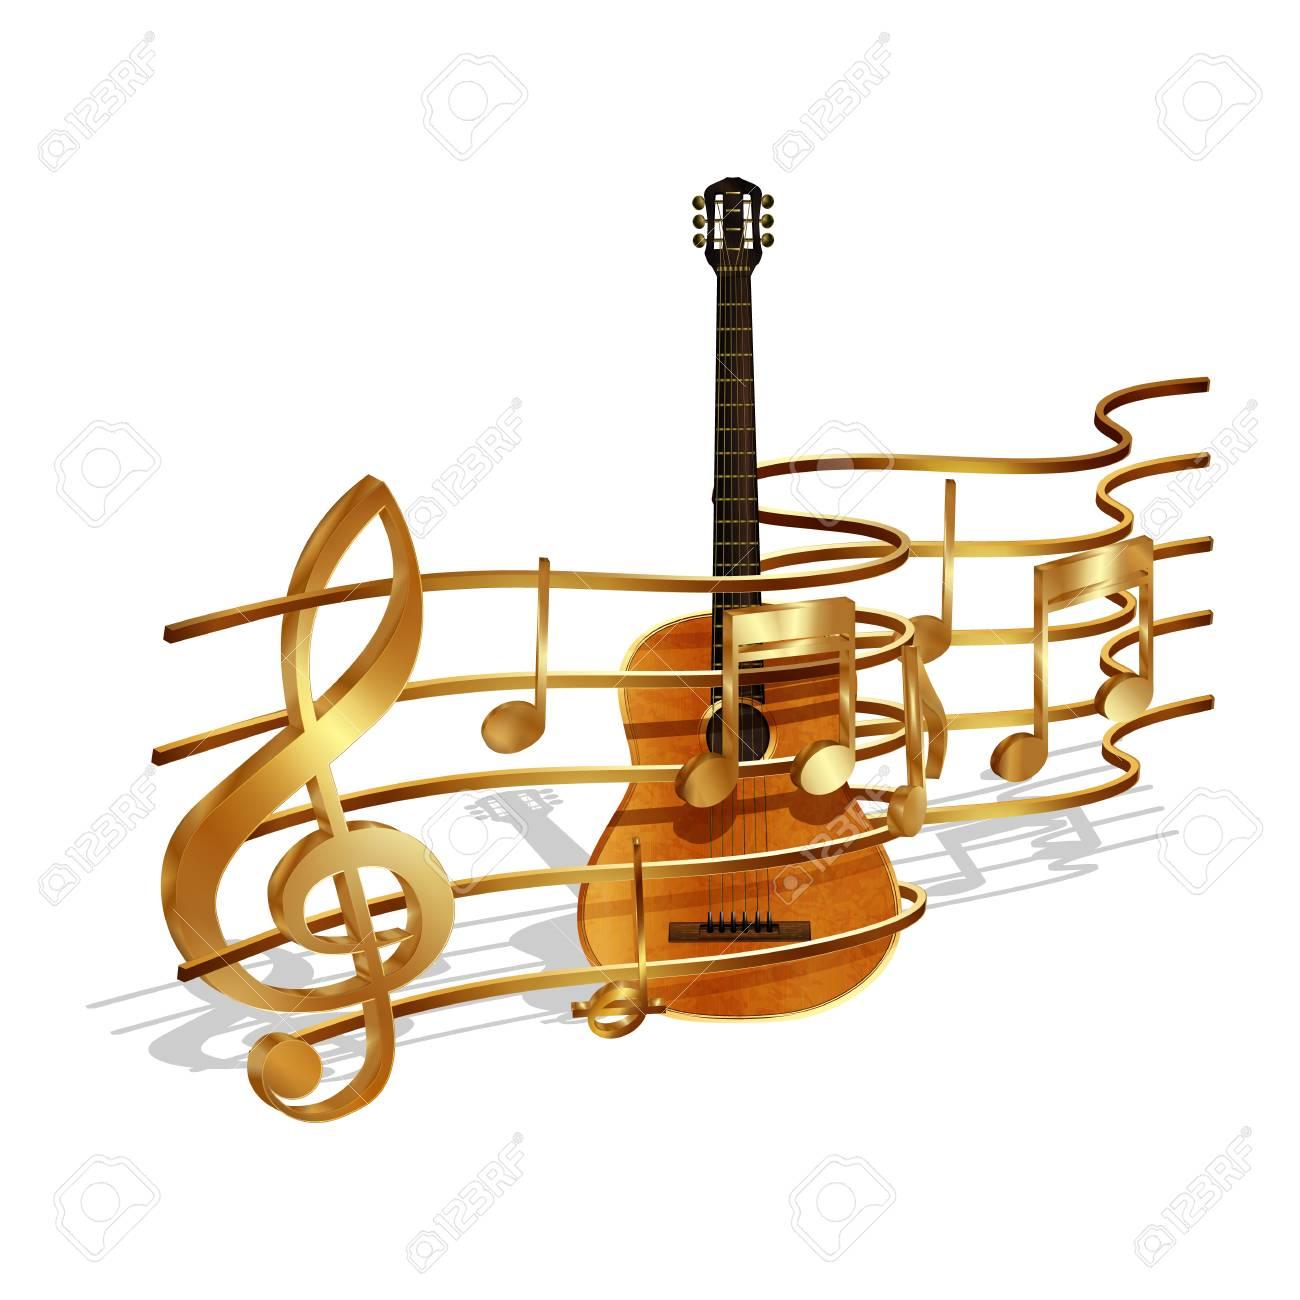 Ilustración Del Vector Del Volumen De Las Notas Musicales De Oro Y Clave De Sol En El Pentagrama Y La Guitarra Acústica Objetos Aislados Sobre Un